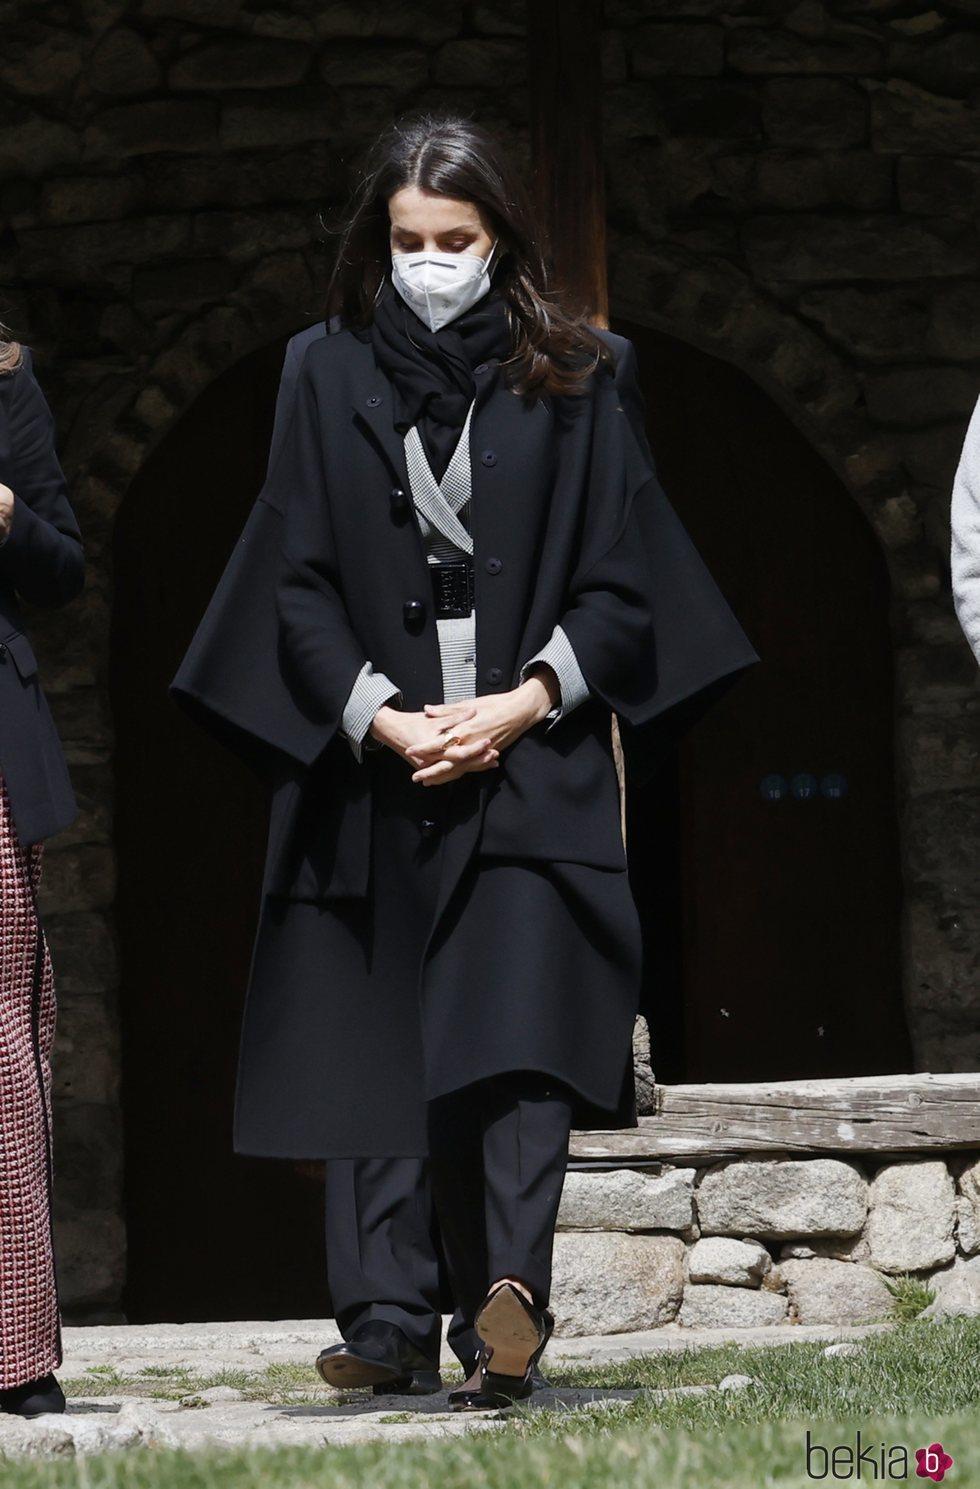 La Reina Letizia en la Iglesia de Santa Coloma durante su Viaje de Estado a Andorra